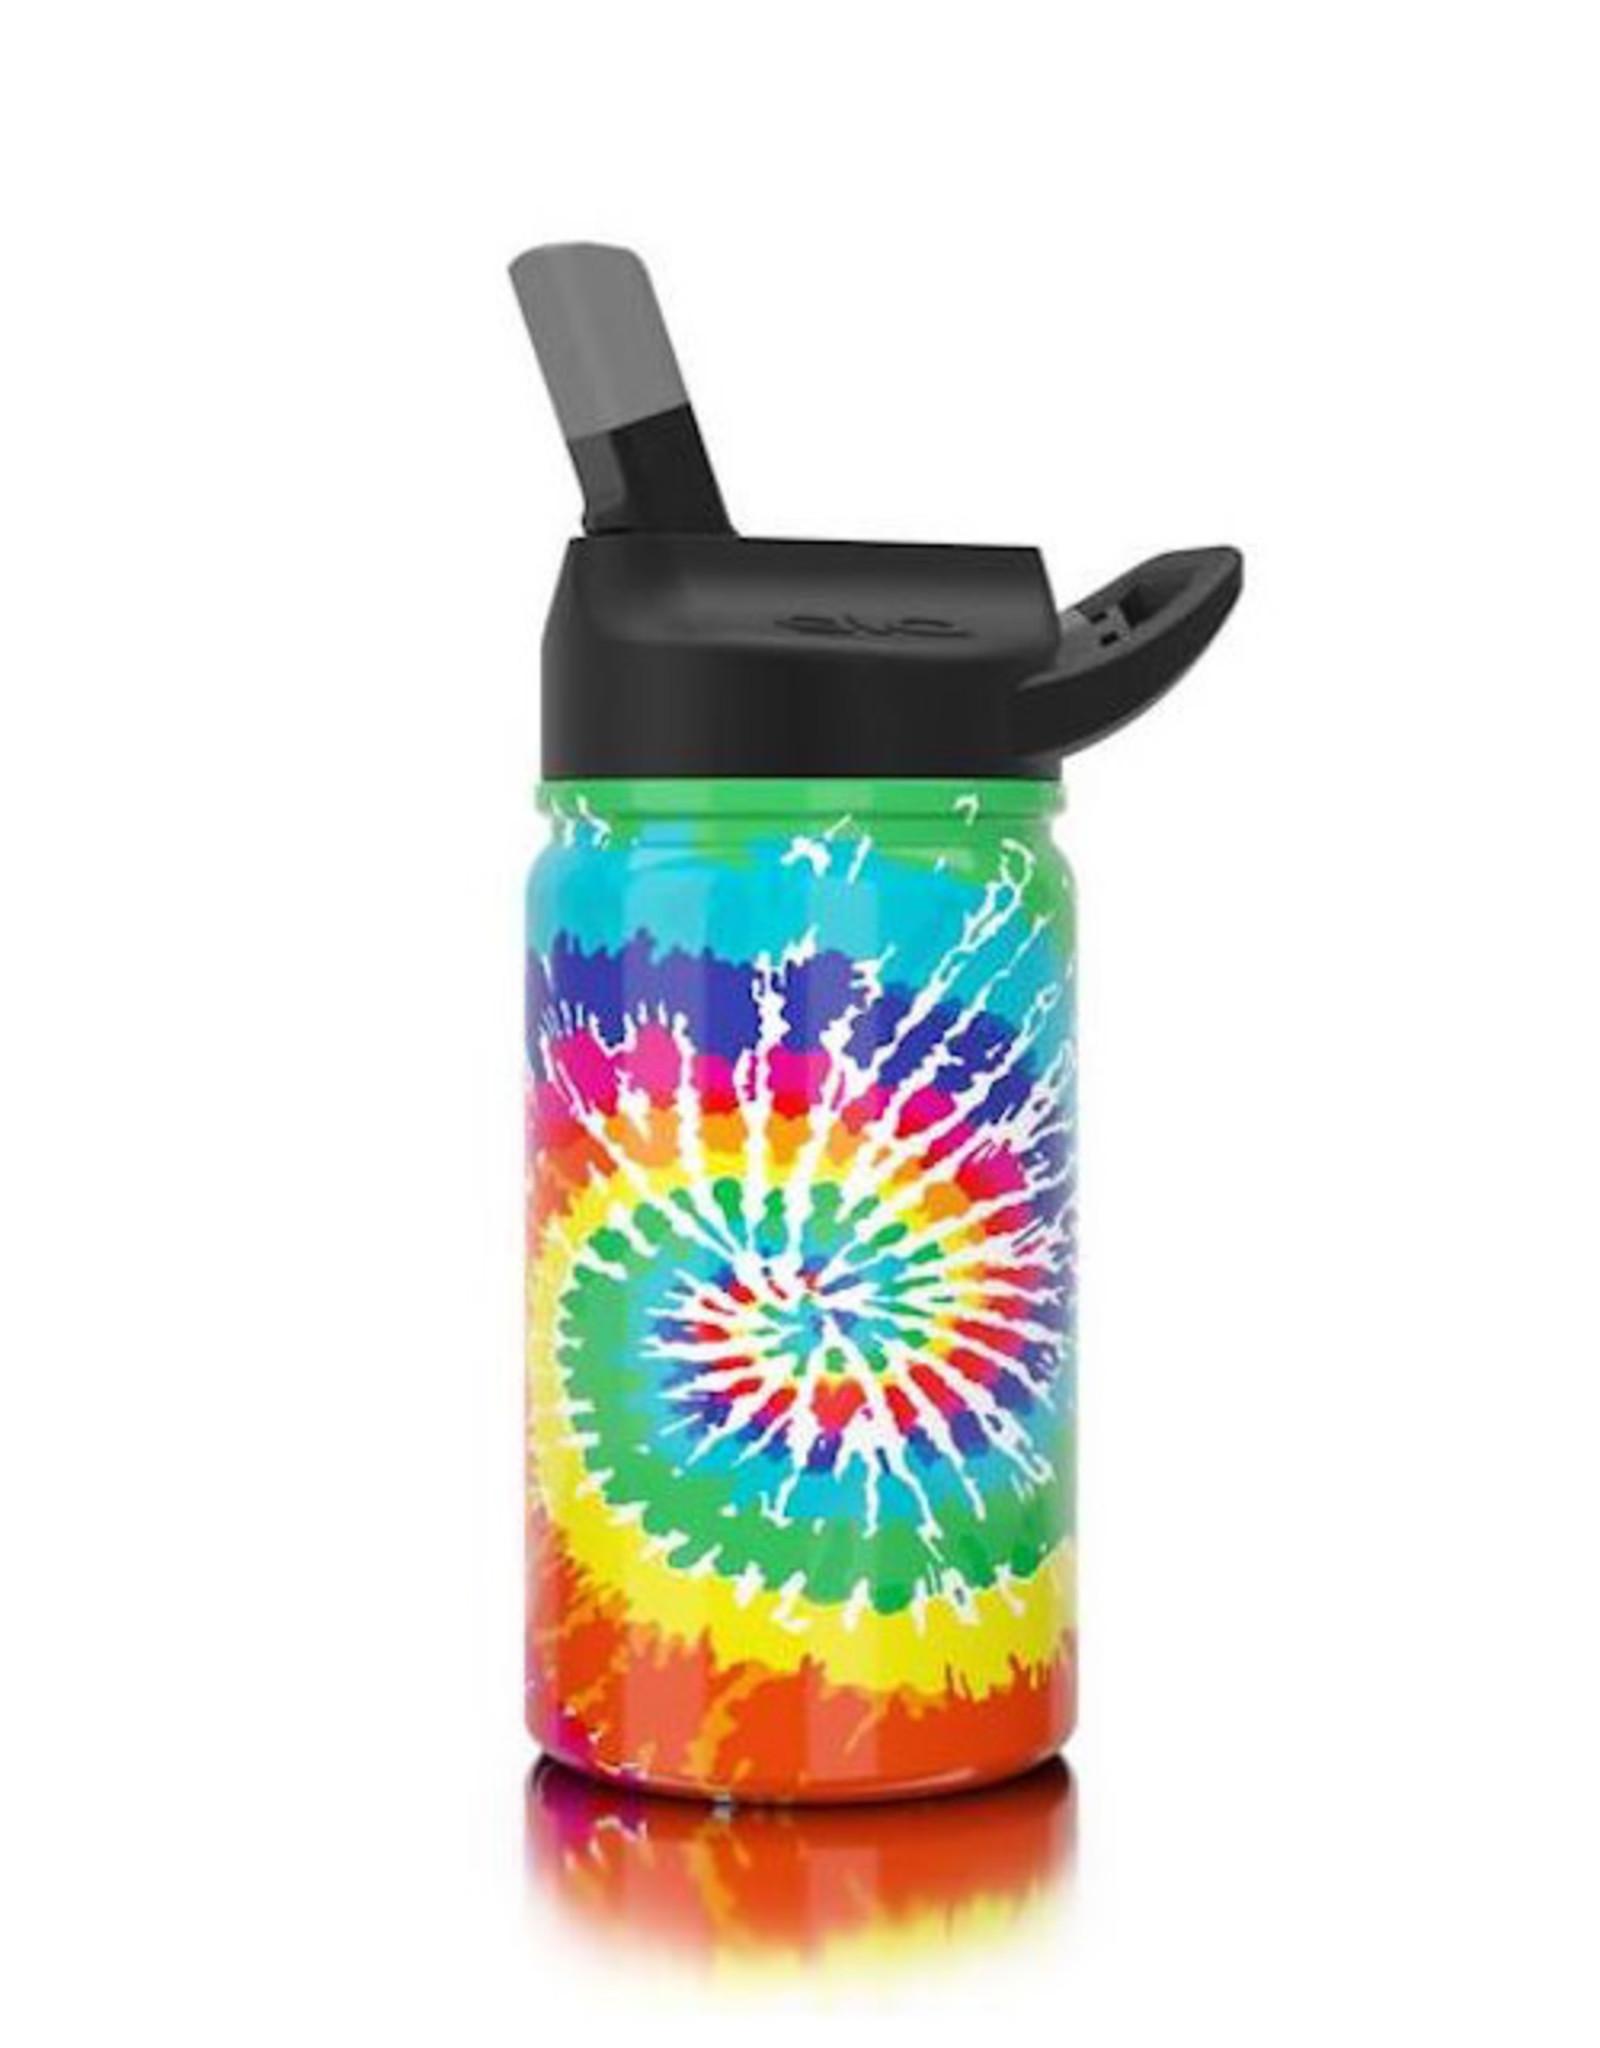 12 oz Lil Sic Bottles Print